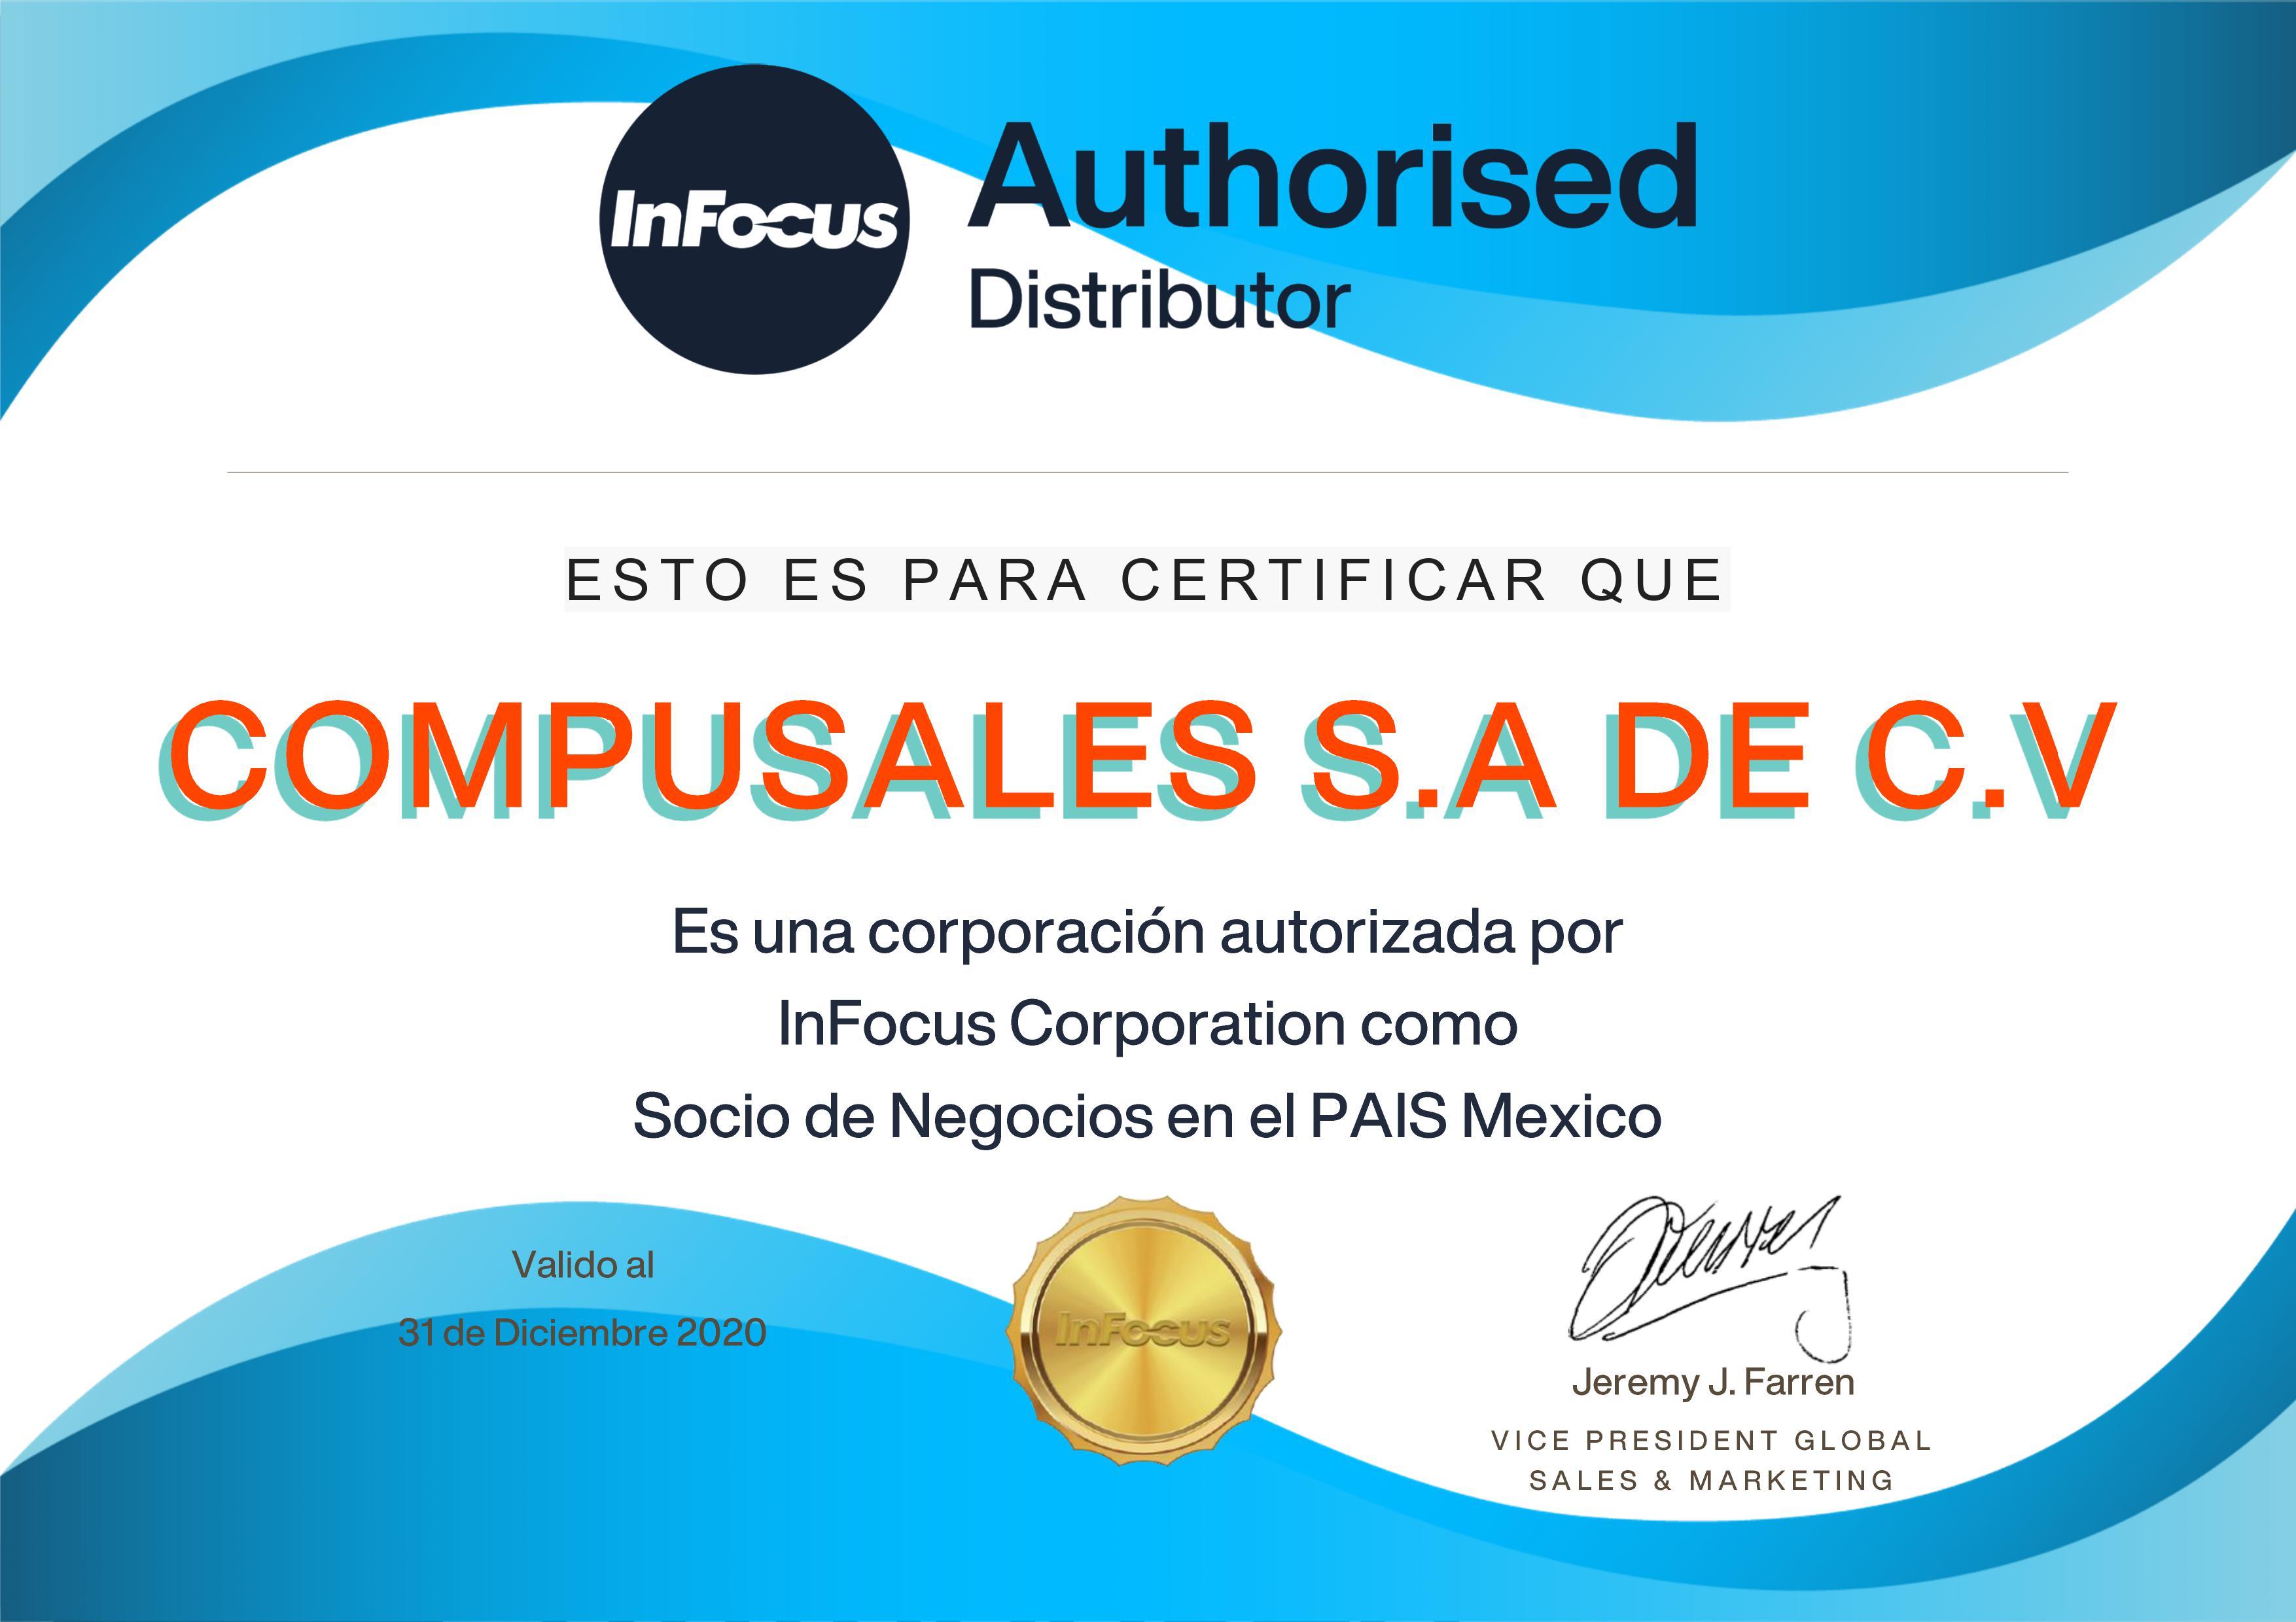 Distribuidor Infocus